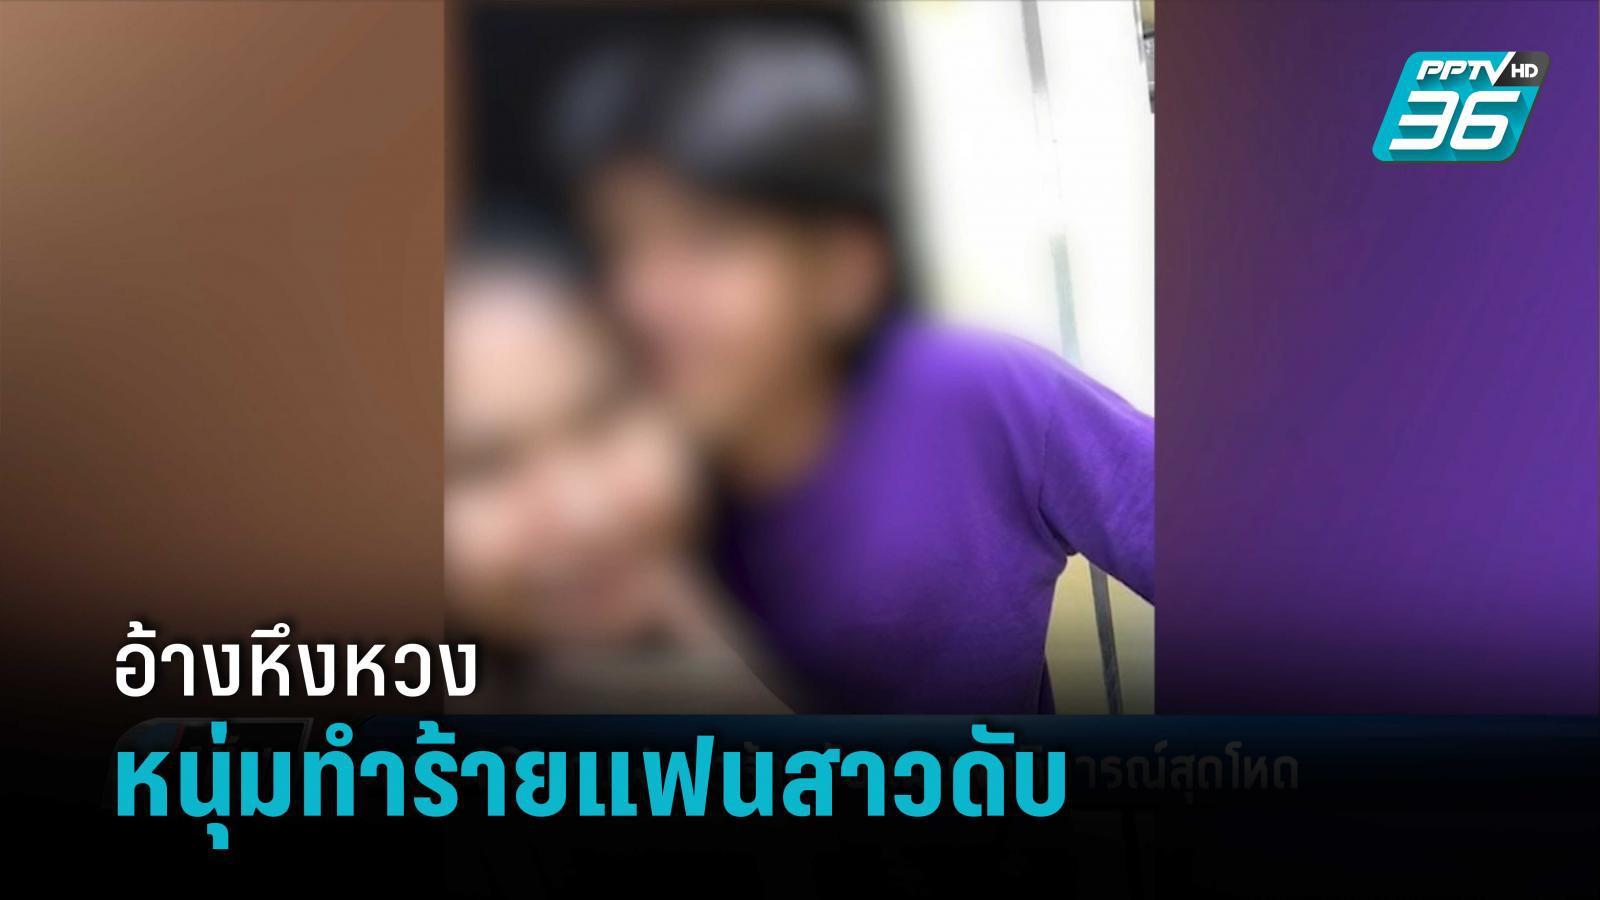 สาววัย 16 ถูกแฟนทำร้ายสมองบวมดับ อ้างหึงหวง ญาติเผยพฤติการณ์สุดโหด